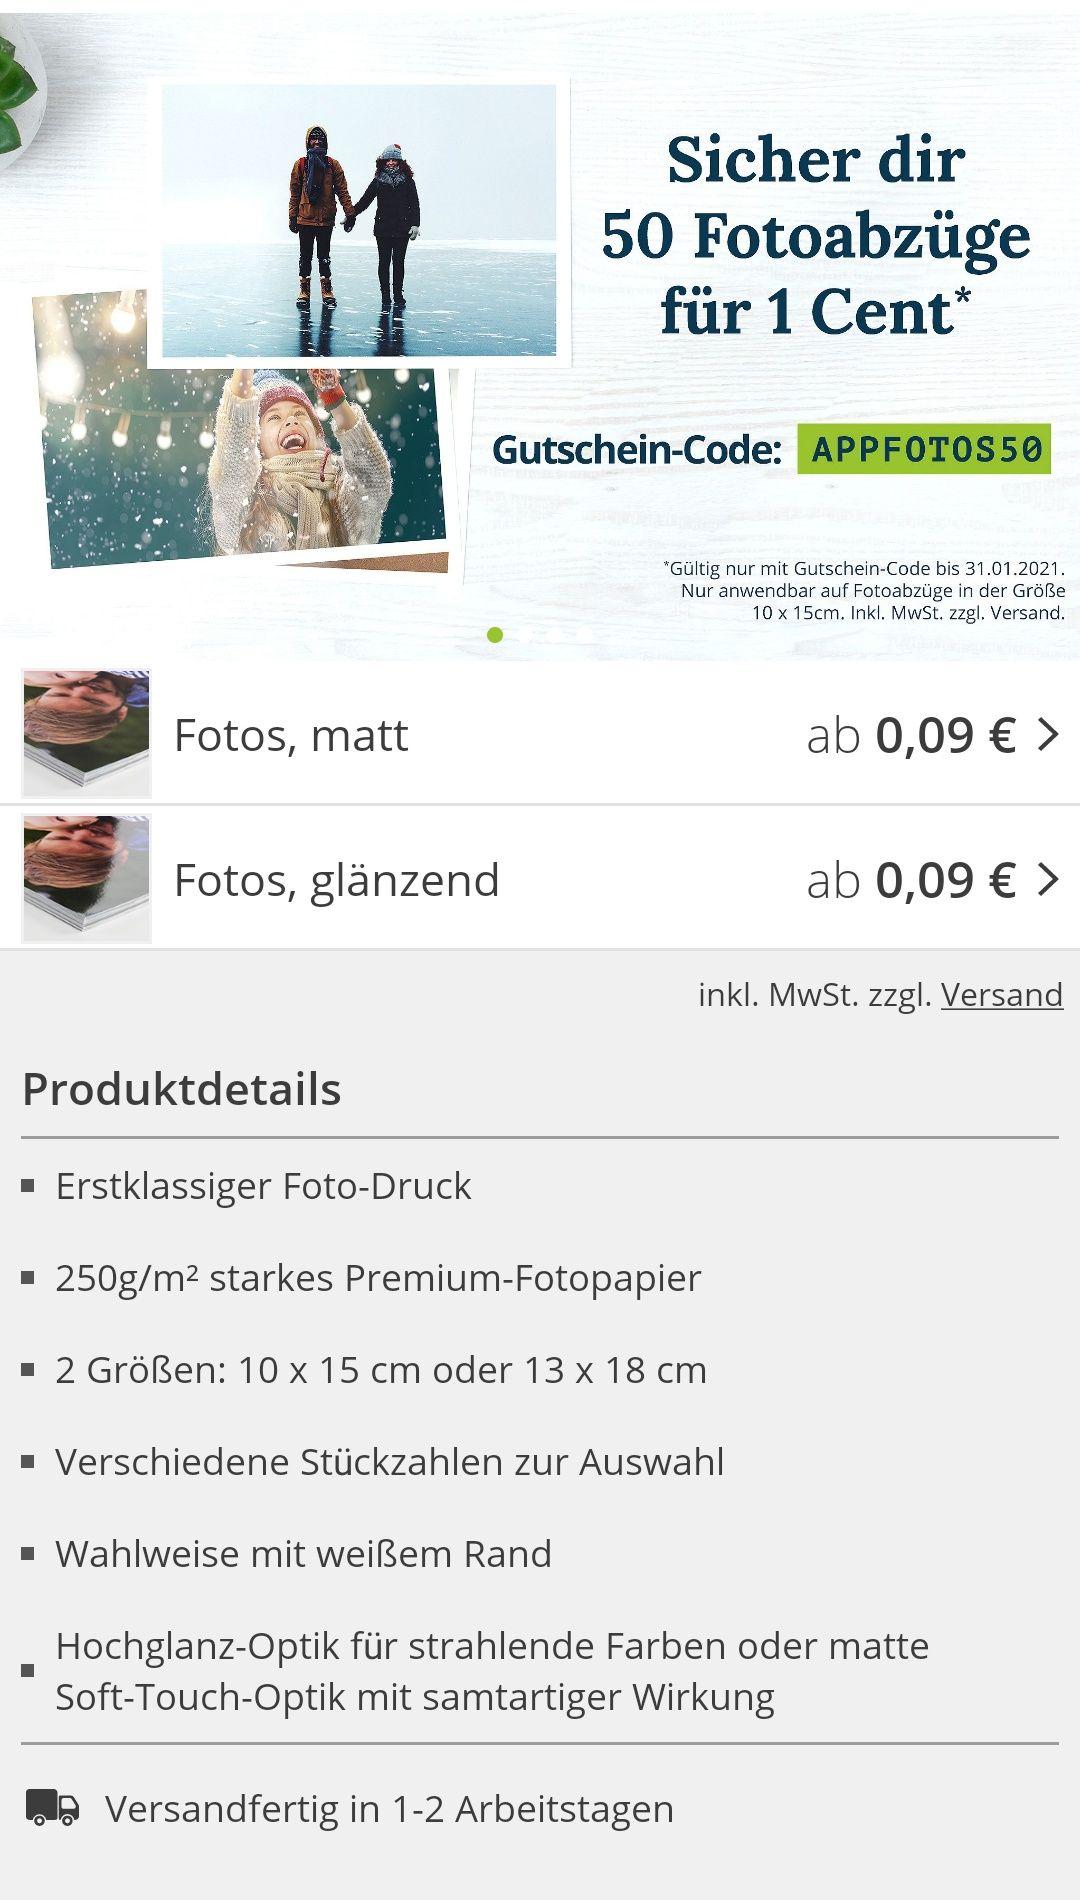 [PosterXXL] 50 Fotoabzüge, 10x15cm für 1Cent plus Versandkosten